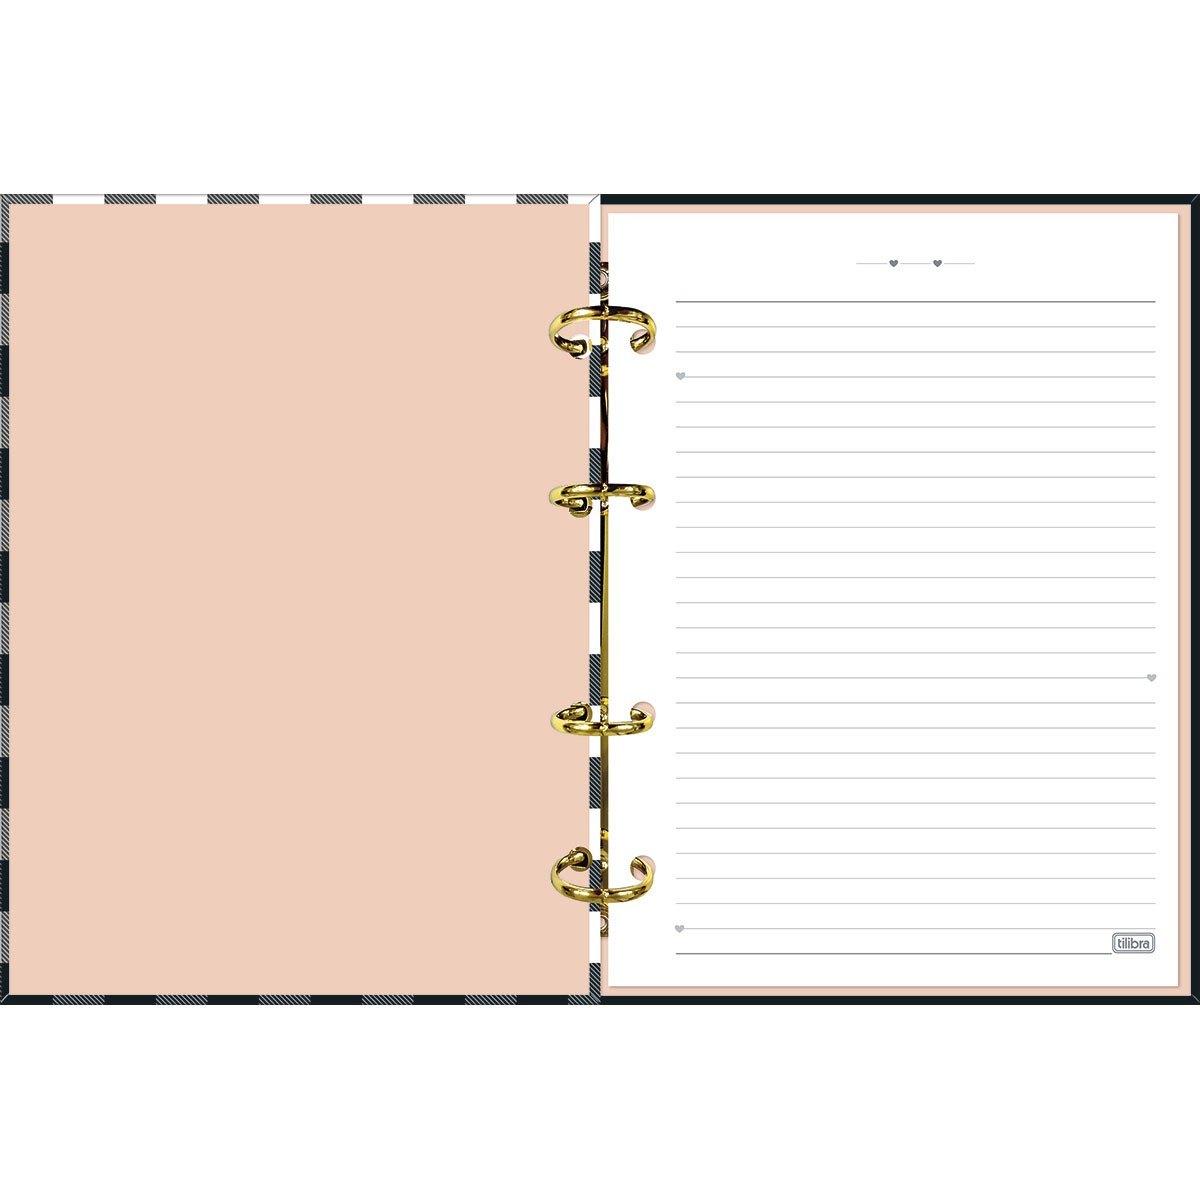 Fichário/Caderno Argolado Cartonado Colegial West Village 160 Fls - Tilibra